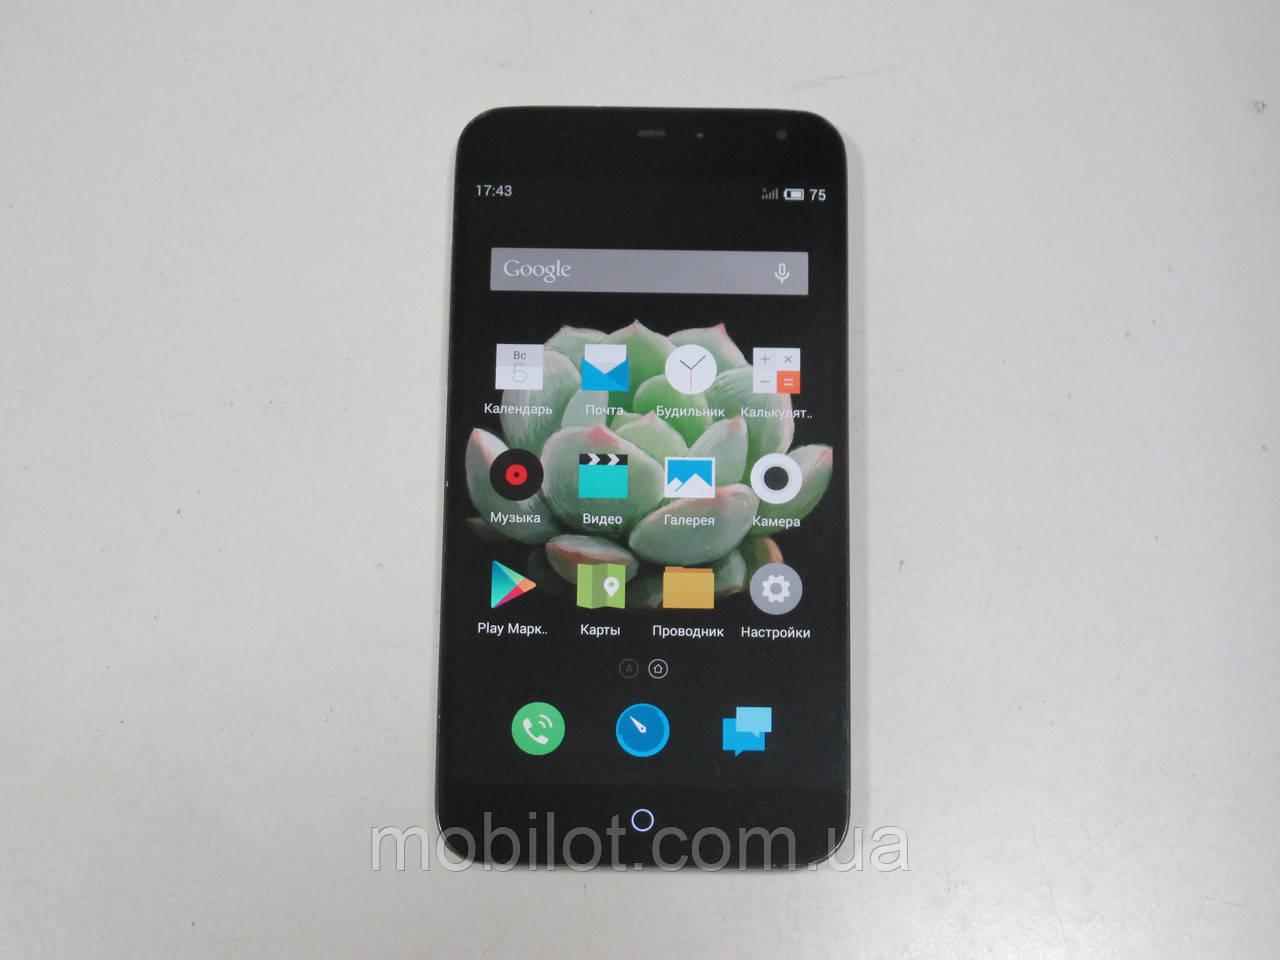 Мобильный телефон Meizu MX3 (M353) (TZ-7011)Нет в наличии